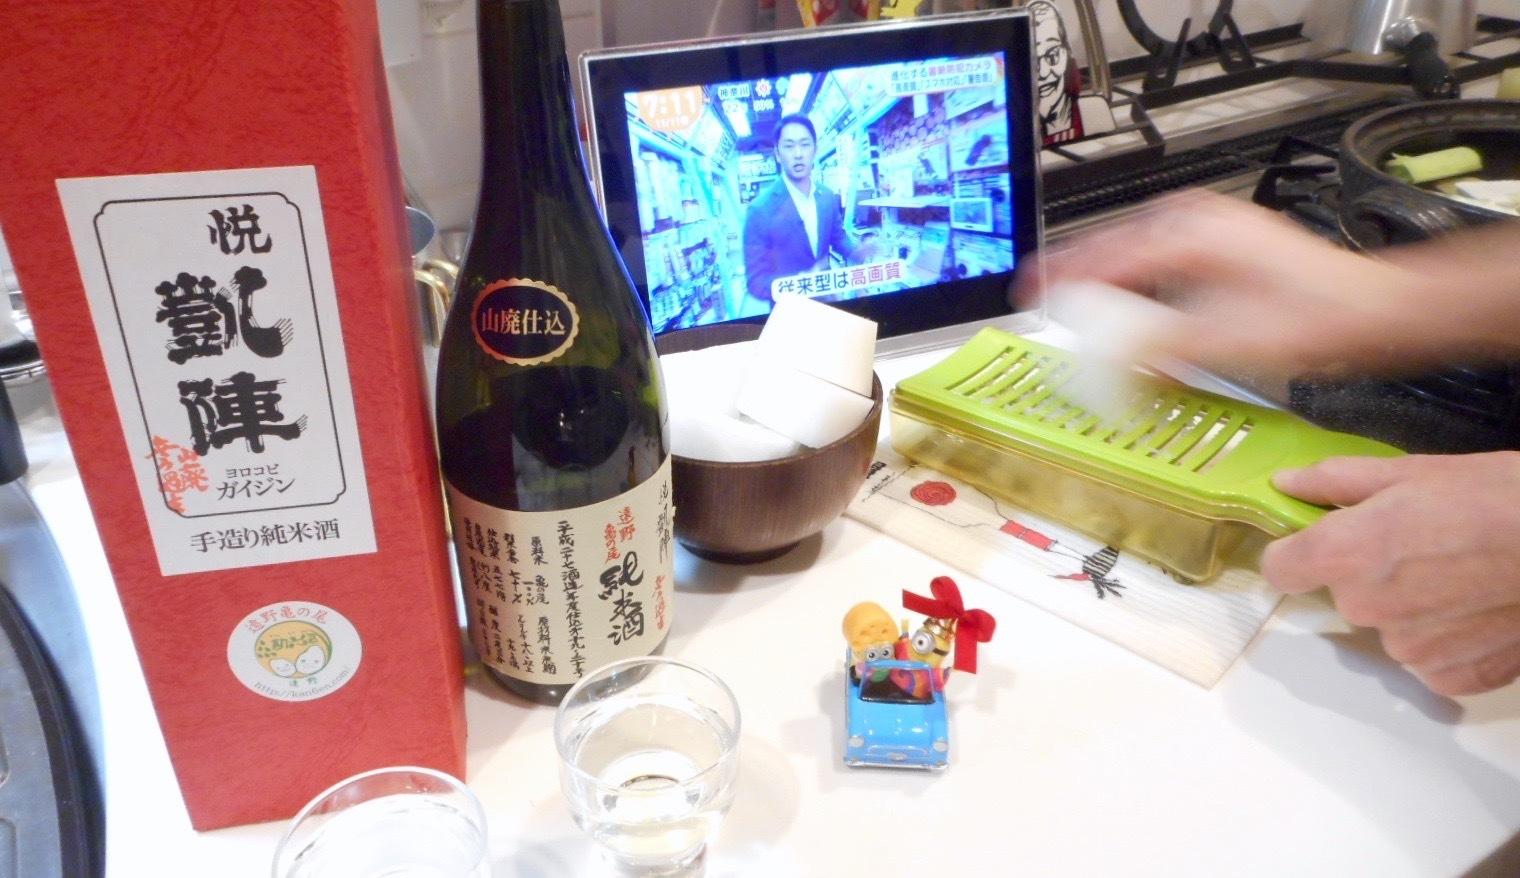 yorokobigaijin_toonokamenoo27by8.jpg